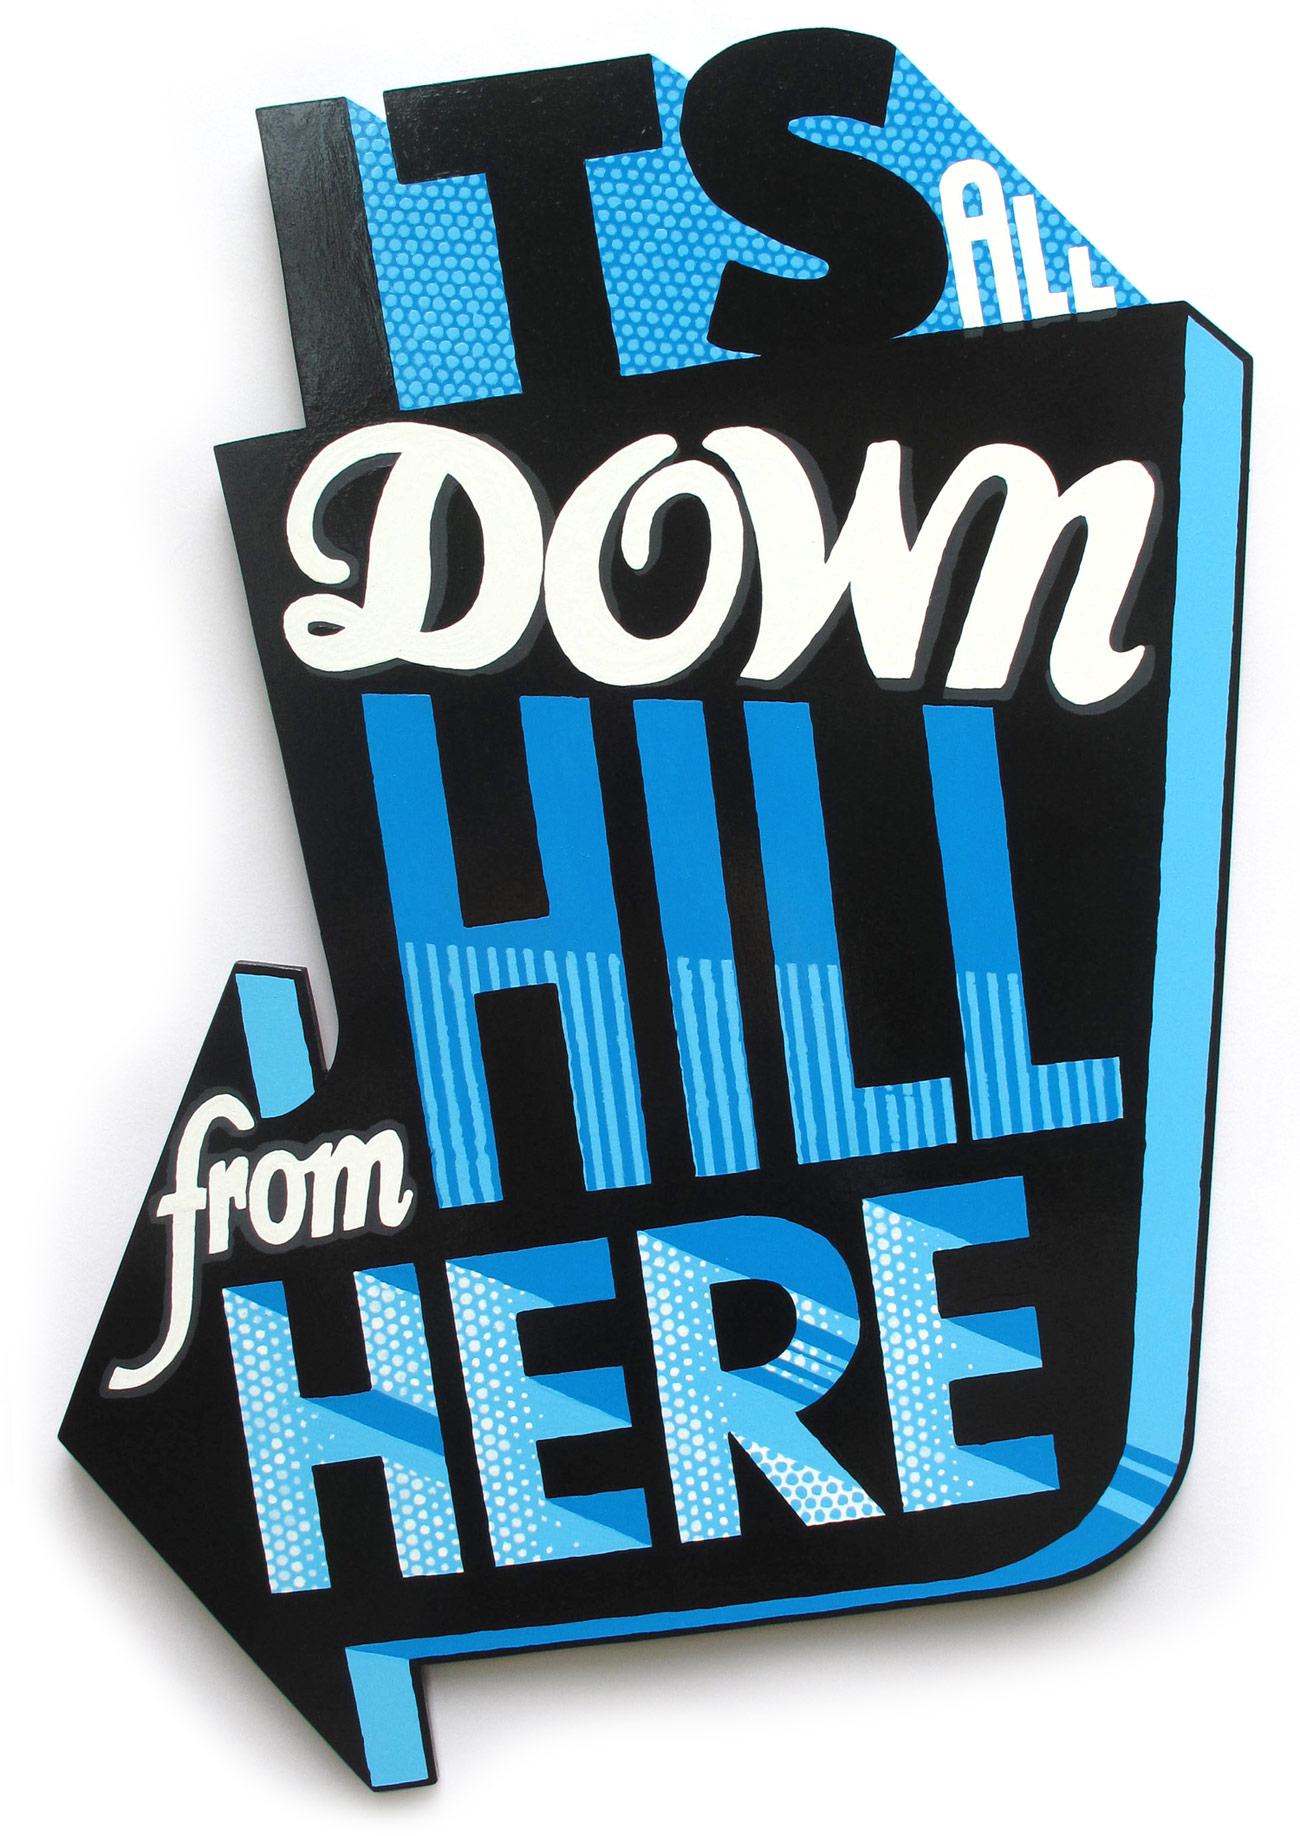 itsalldownhill.jpg